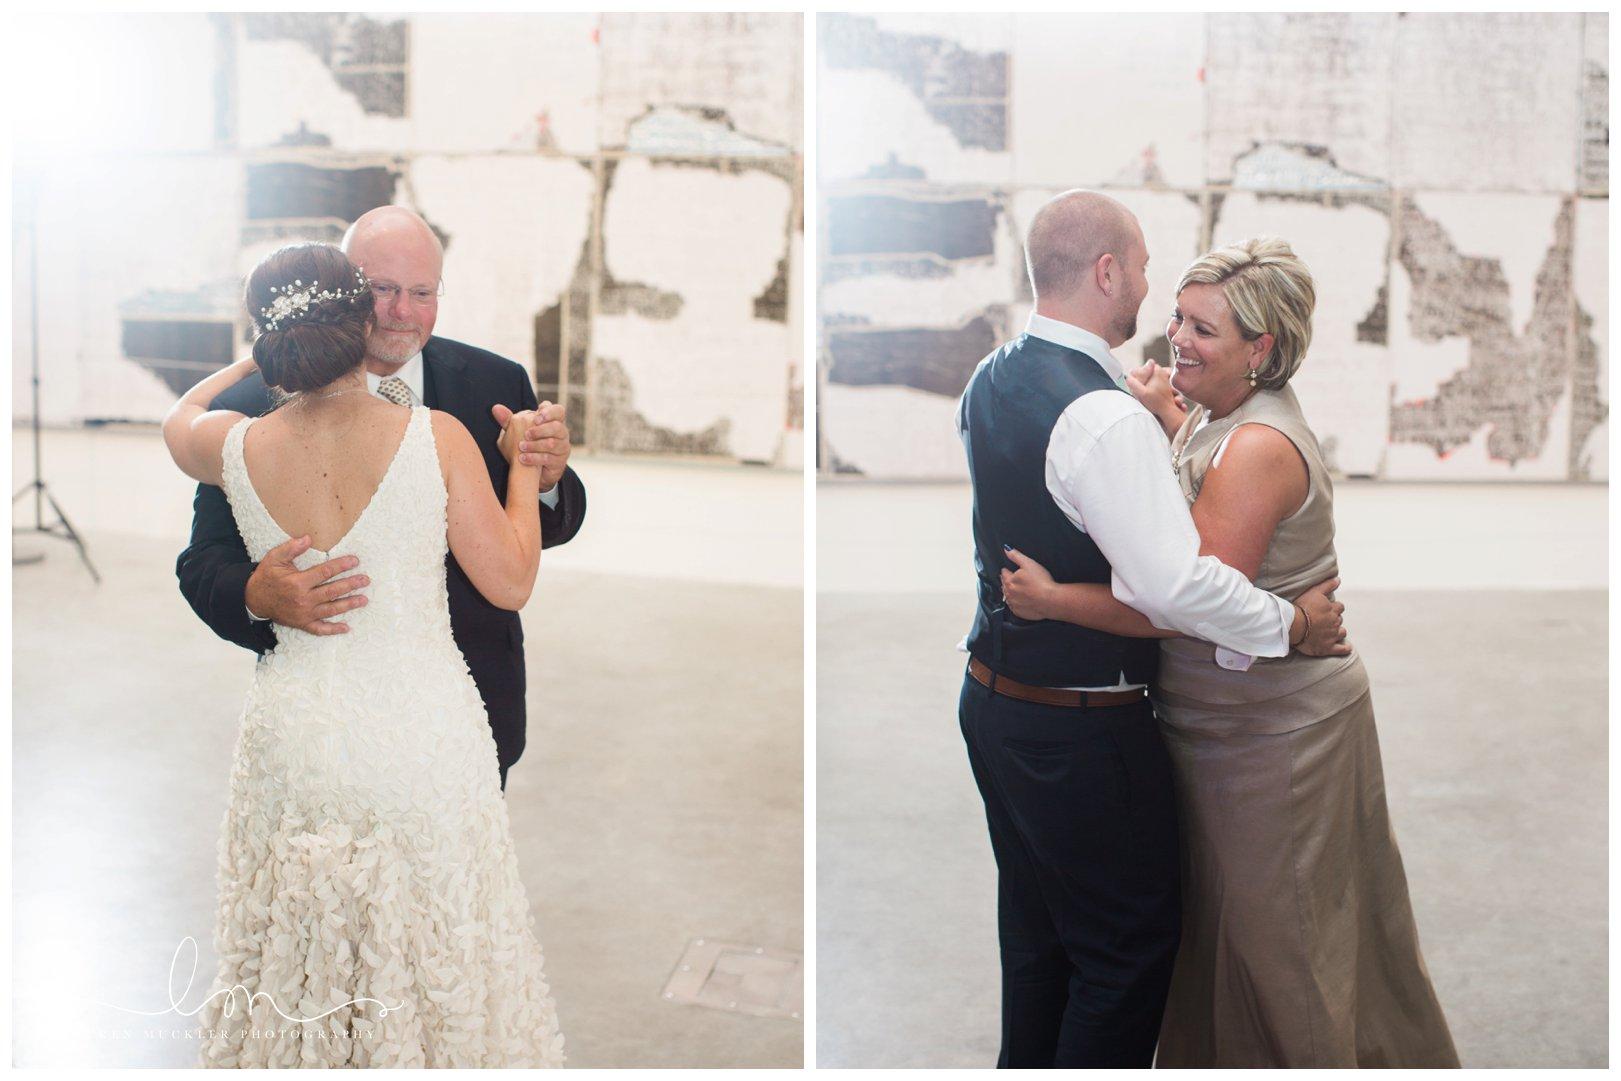 lauren muckler photography_fine art film wedding photography_st louis_photography_0570.jpg